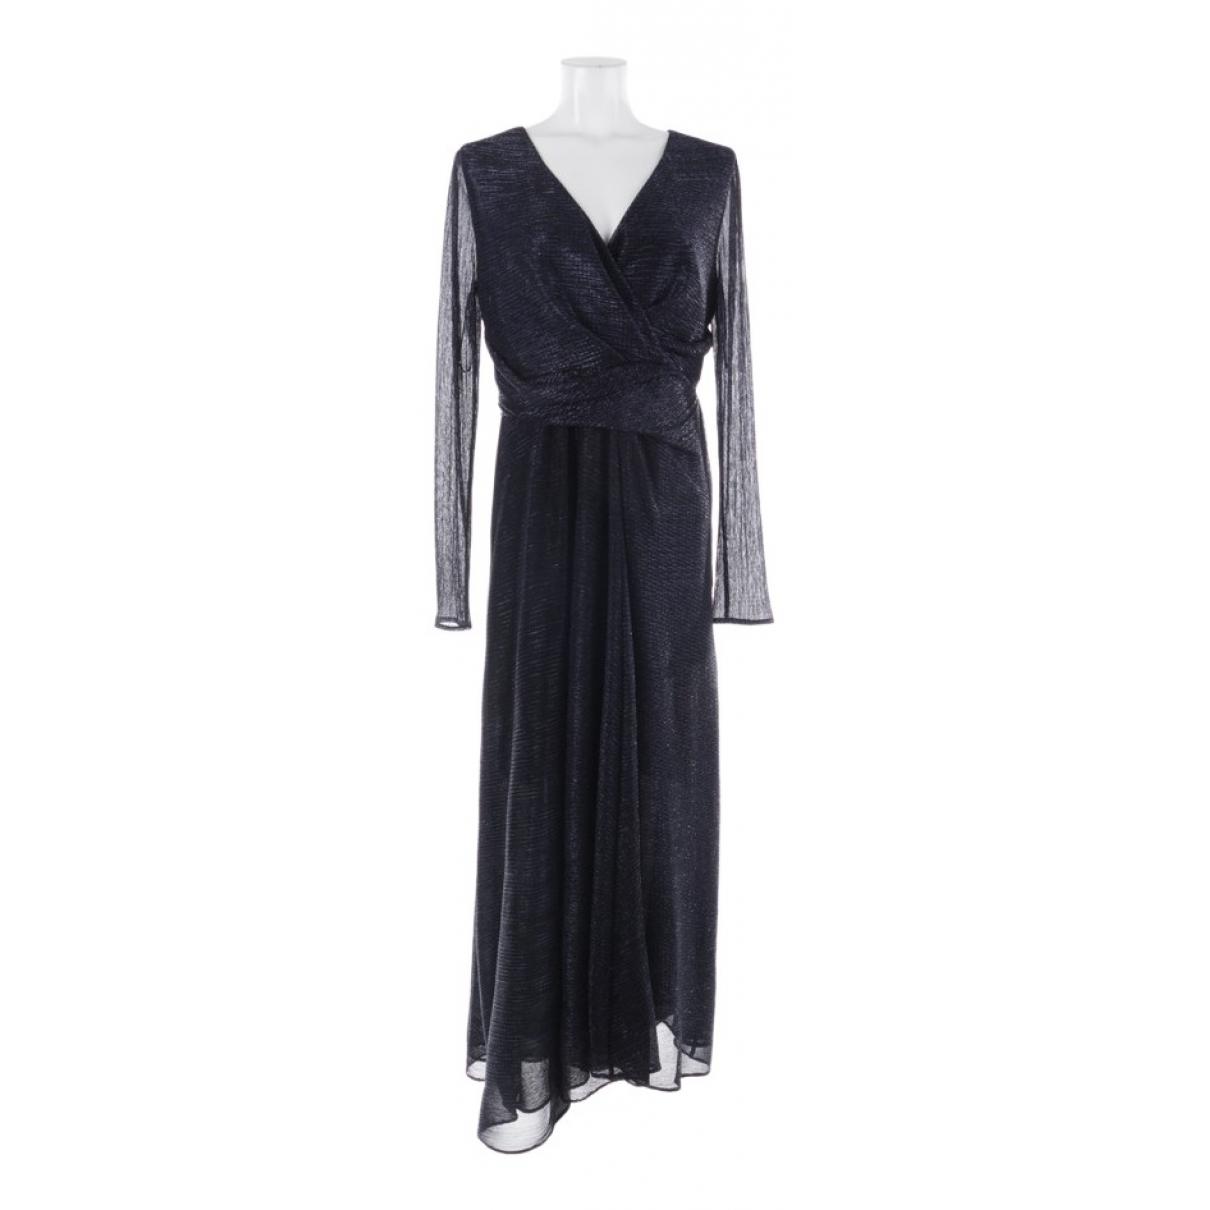 Talbot Runhof \N Kleid in  Blau Synthetik